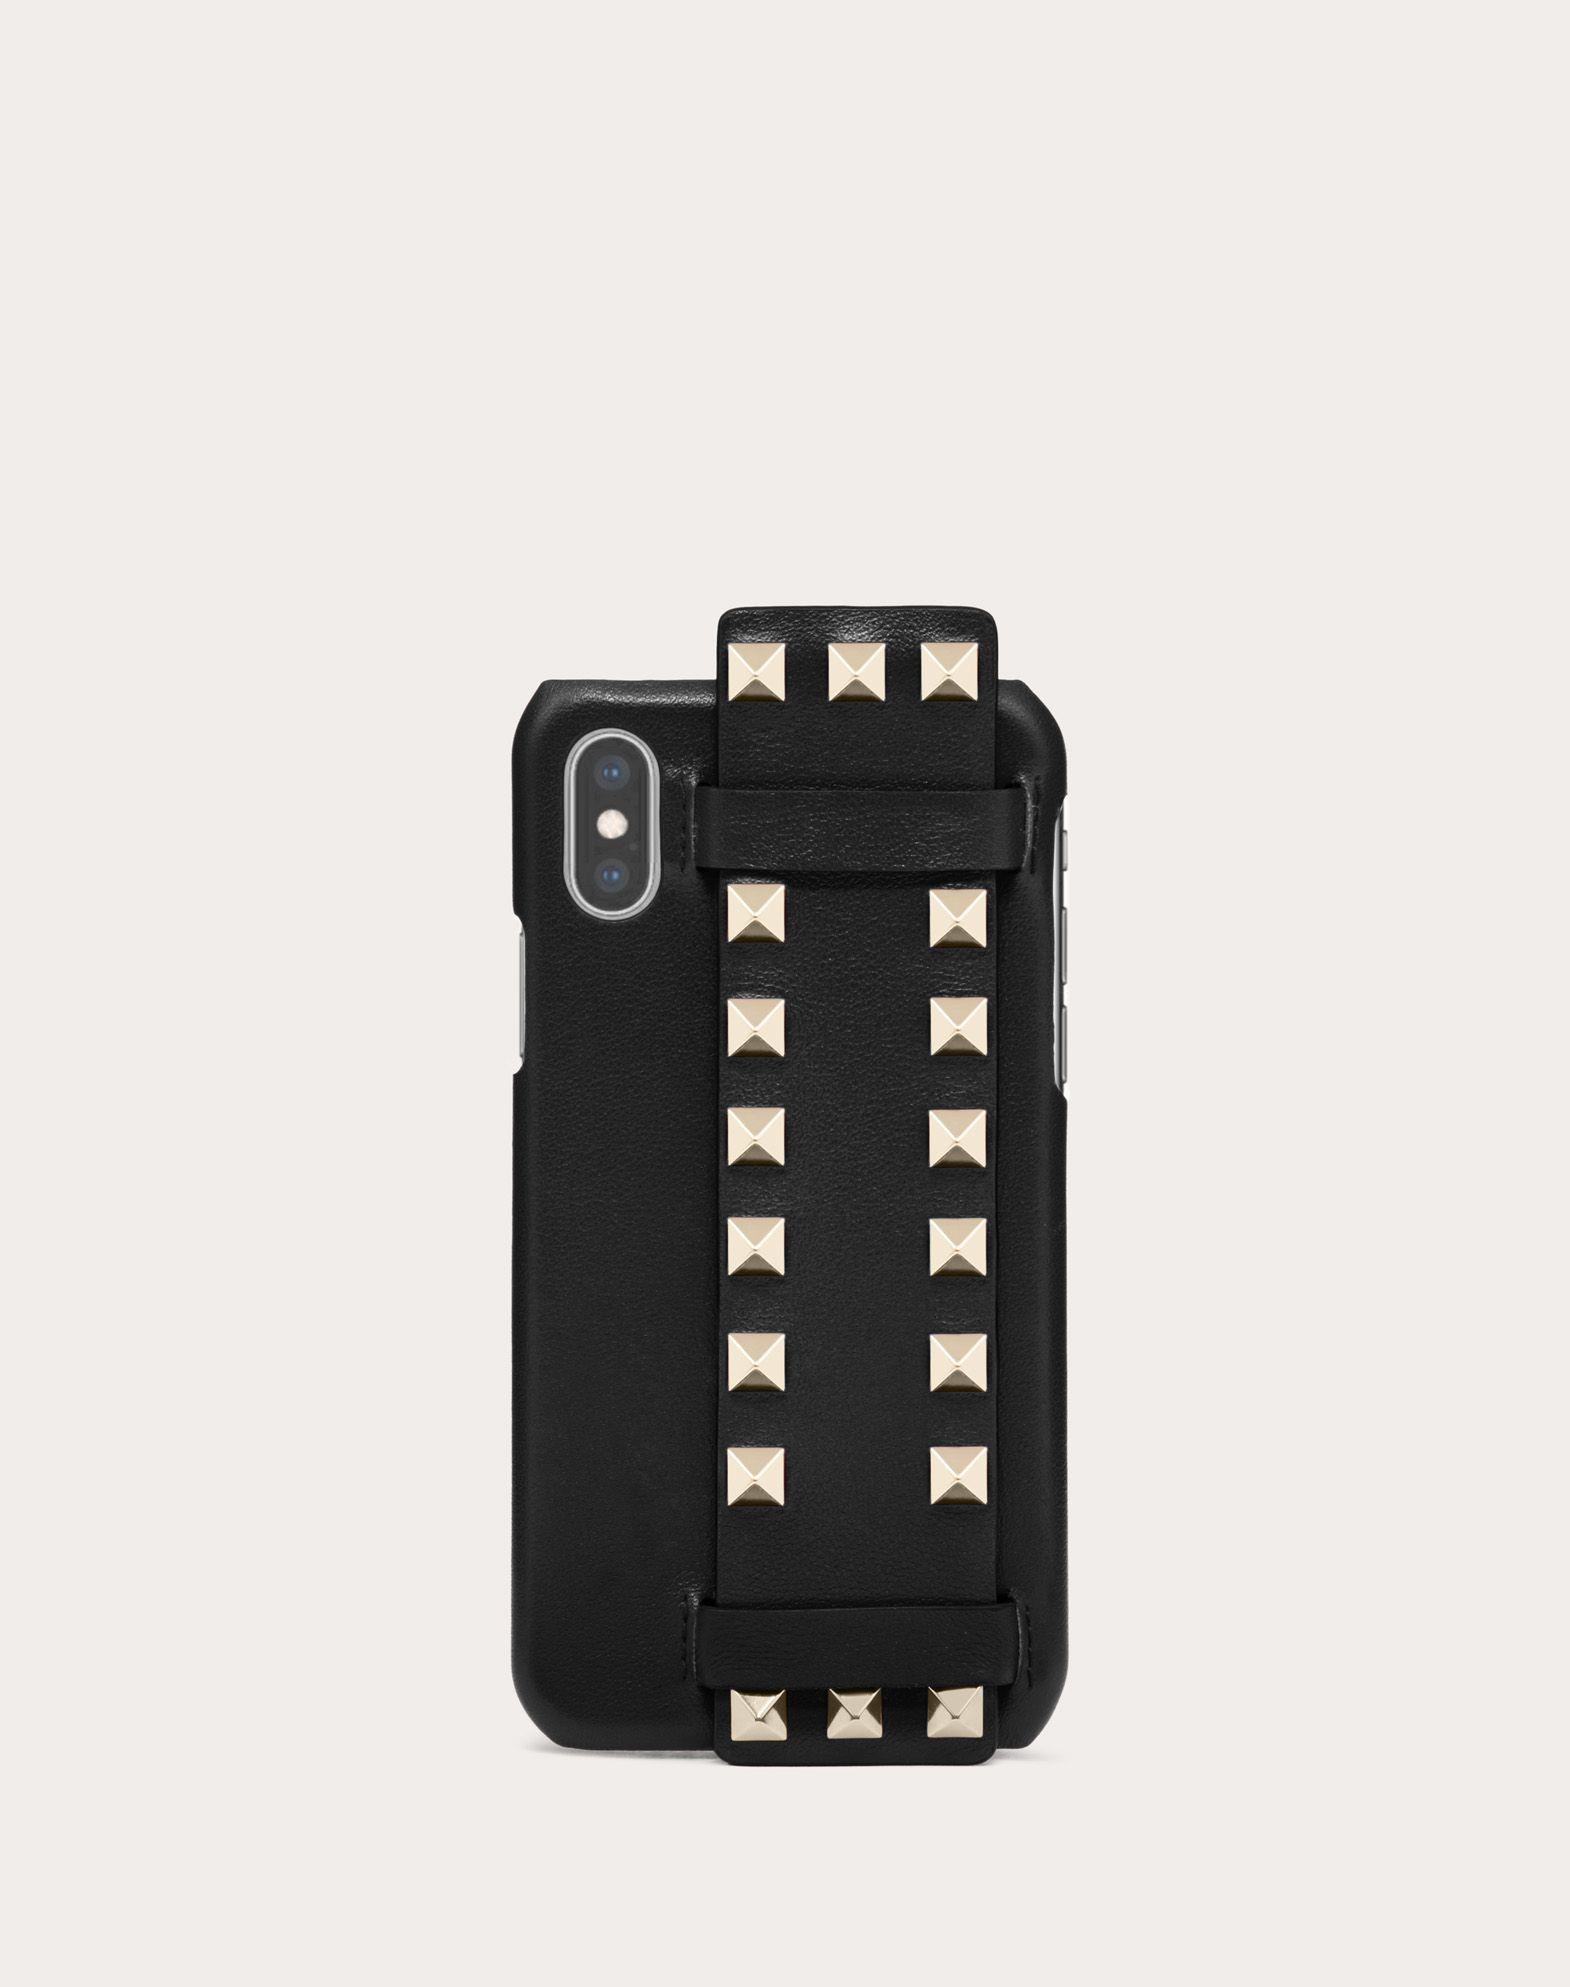 Coque en veau Rockstud compatible avec iPhone X/XS